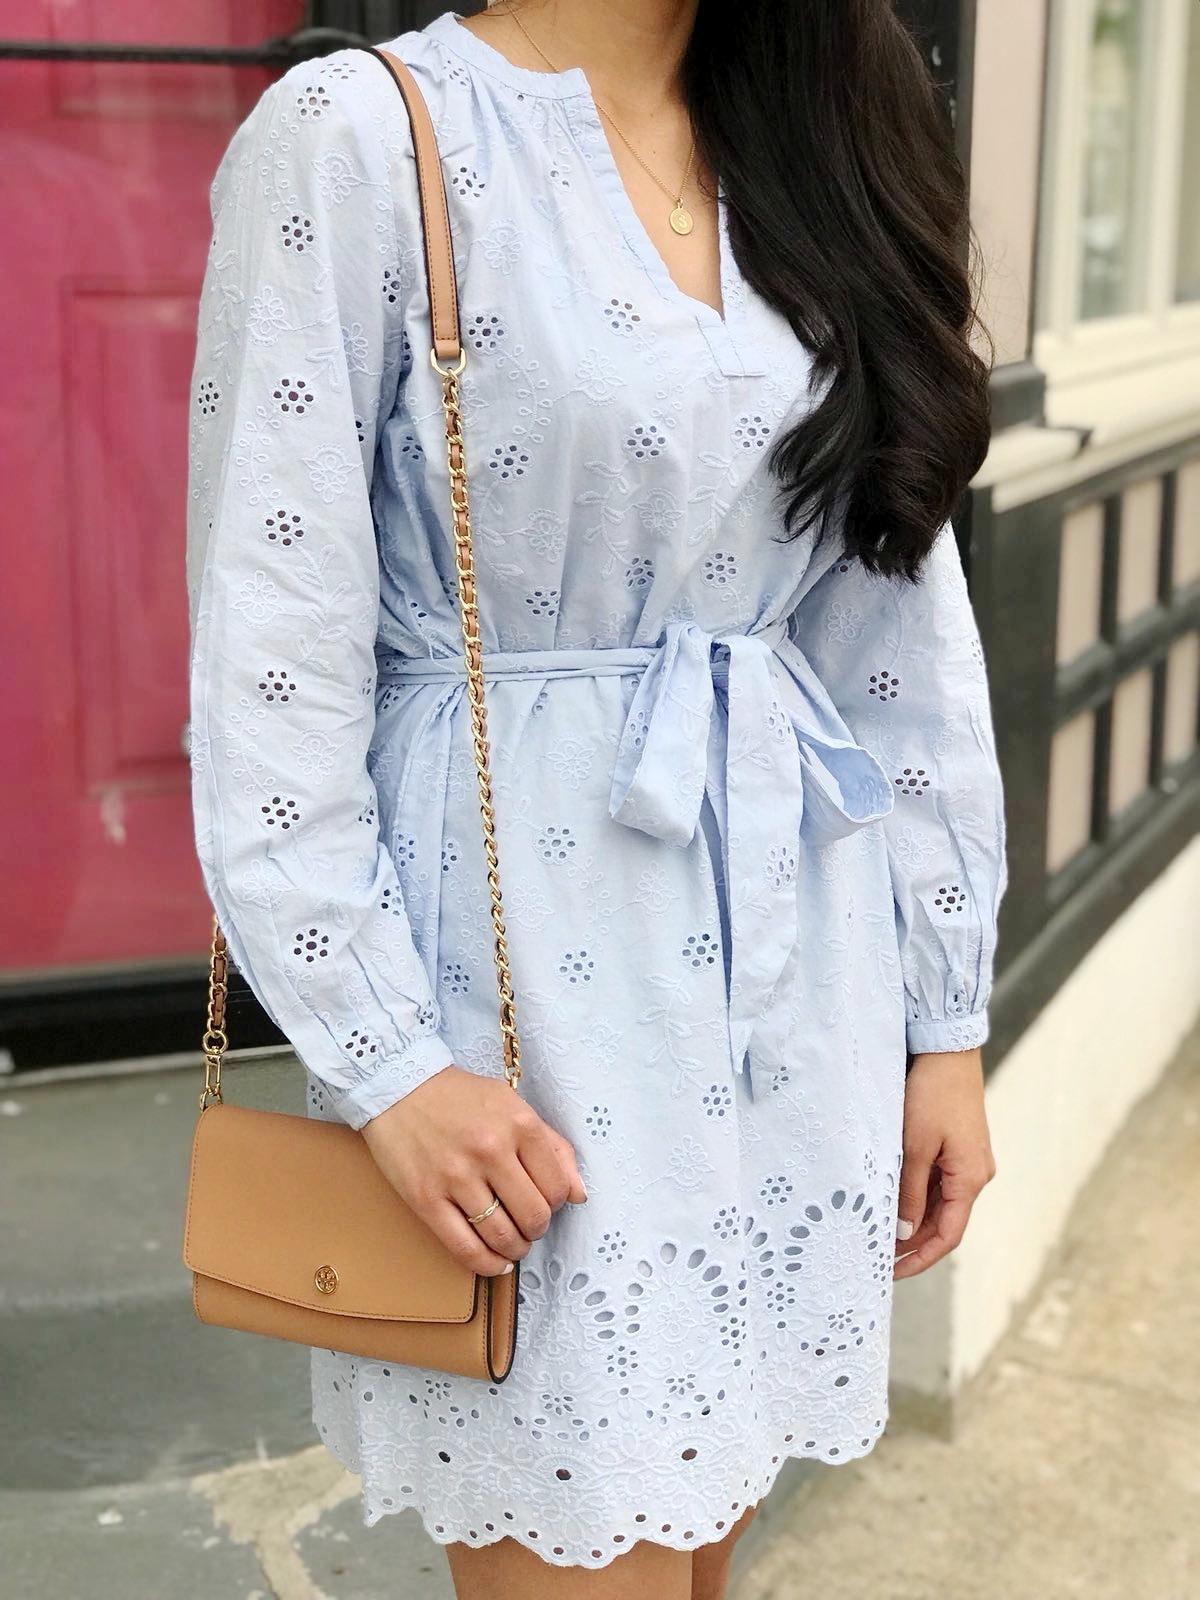 details-eyelet-dress-affordable-H&M.JPG